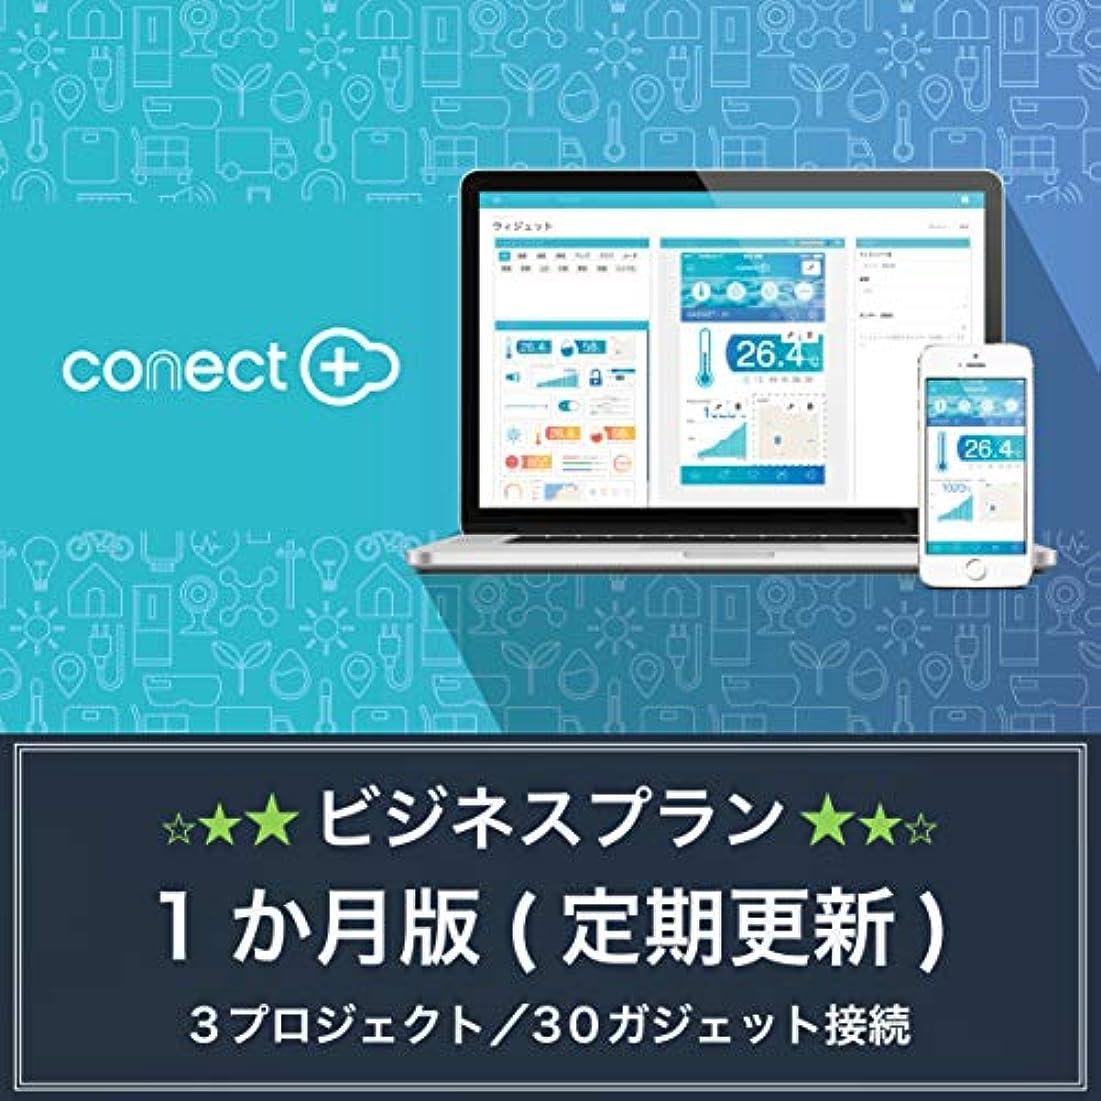 バー動揺させる接辞conect+ BUSINESS PLAN | 1ヶ月プラン | 3プロジェクト/30ガジェット接続 | サブスクリプション(定期更新)